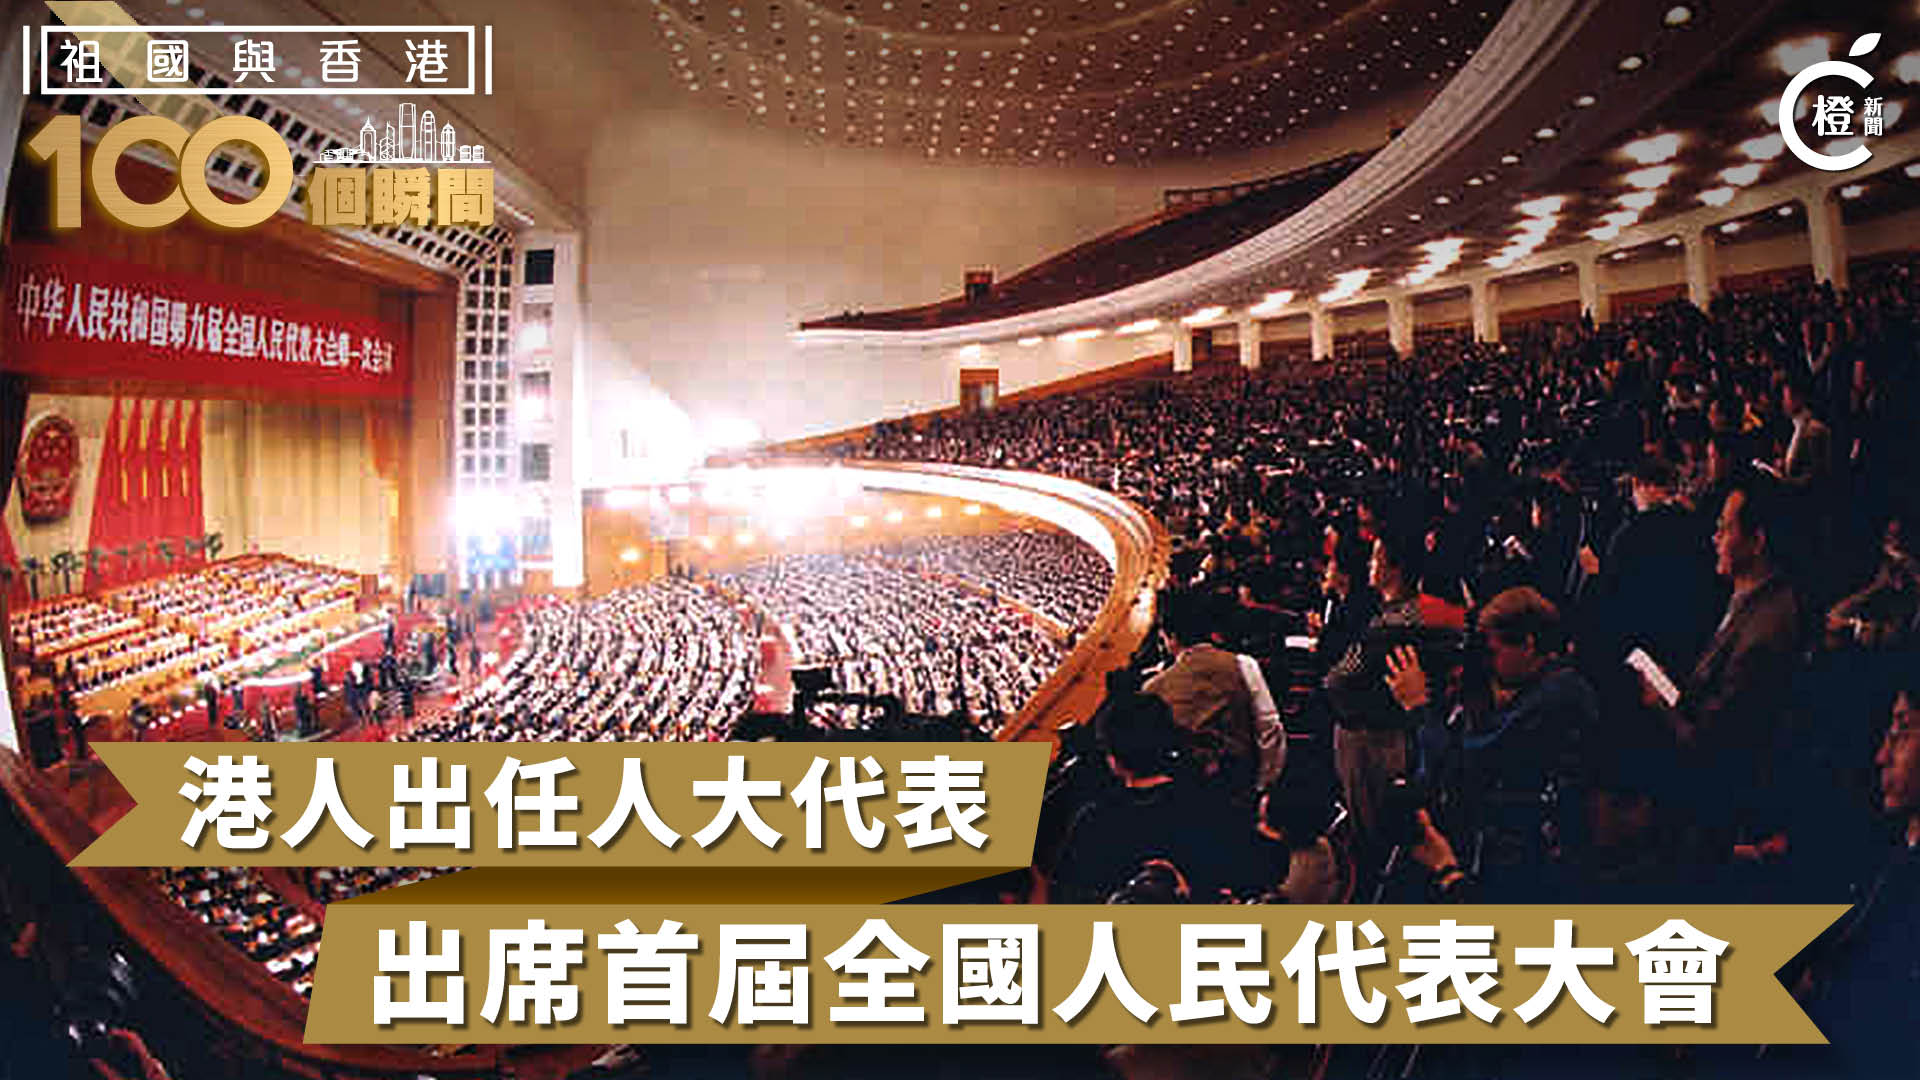 【祖國與香港100個瞬間】港人參與全國人民代表大會 參政議政從未缺席